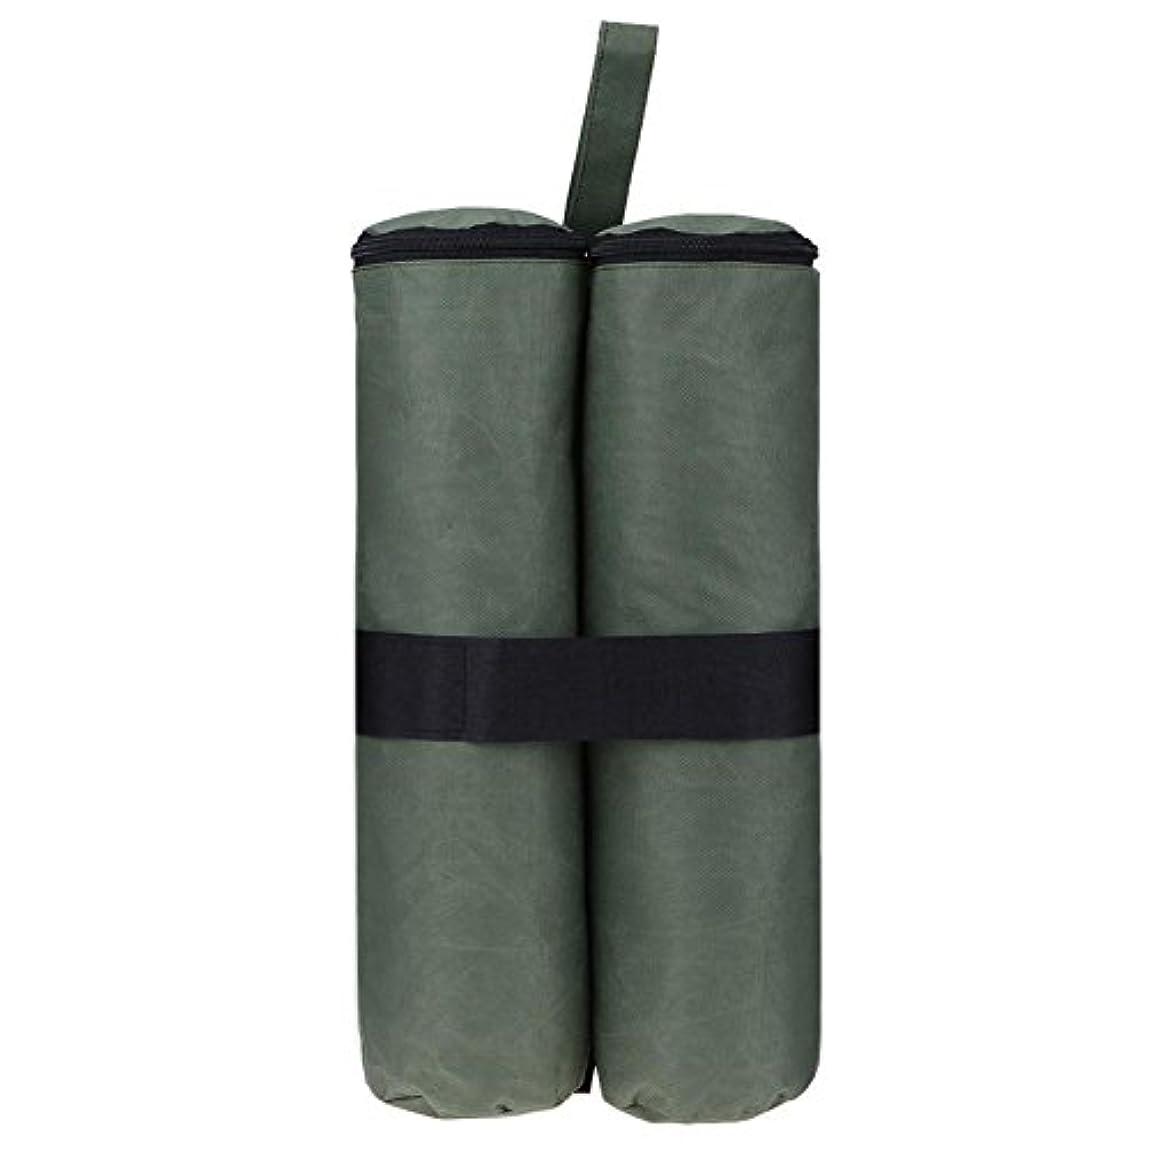 既婚馬鹿タヒチk-outdoor テント用重り ウエイトバッグ テント固定用 タープ用 固定バンド付き ネオプレン 重し 防水 170g